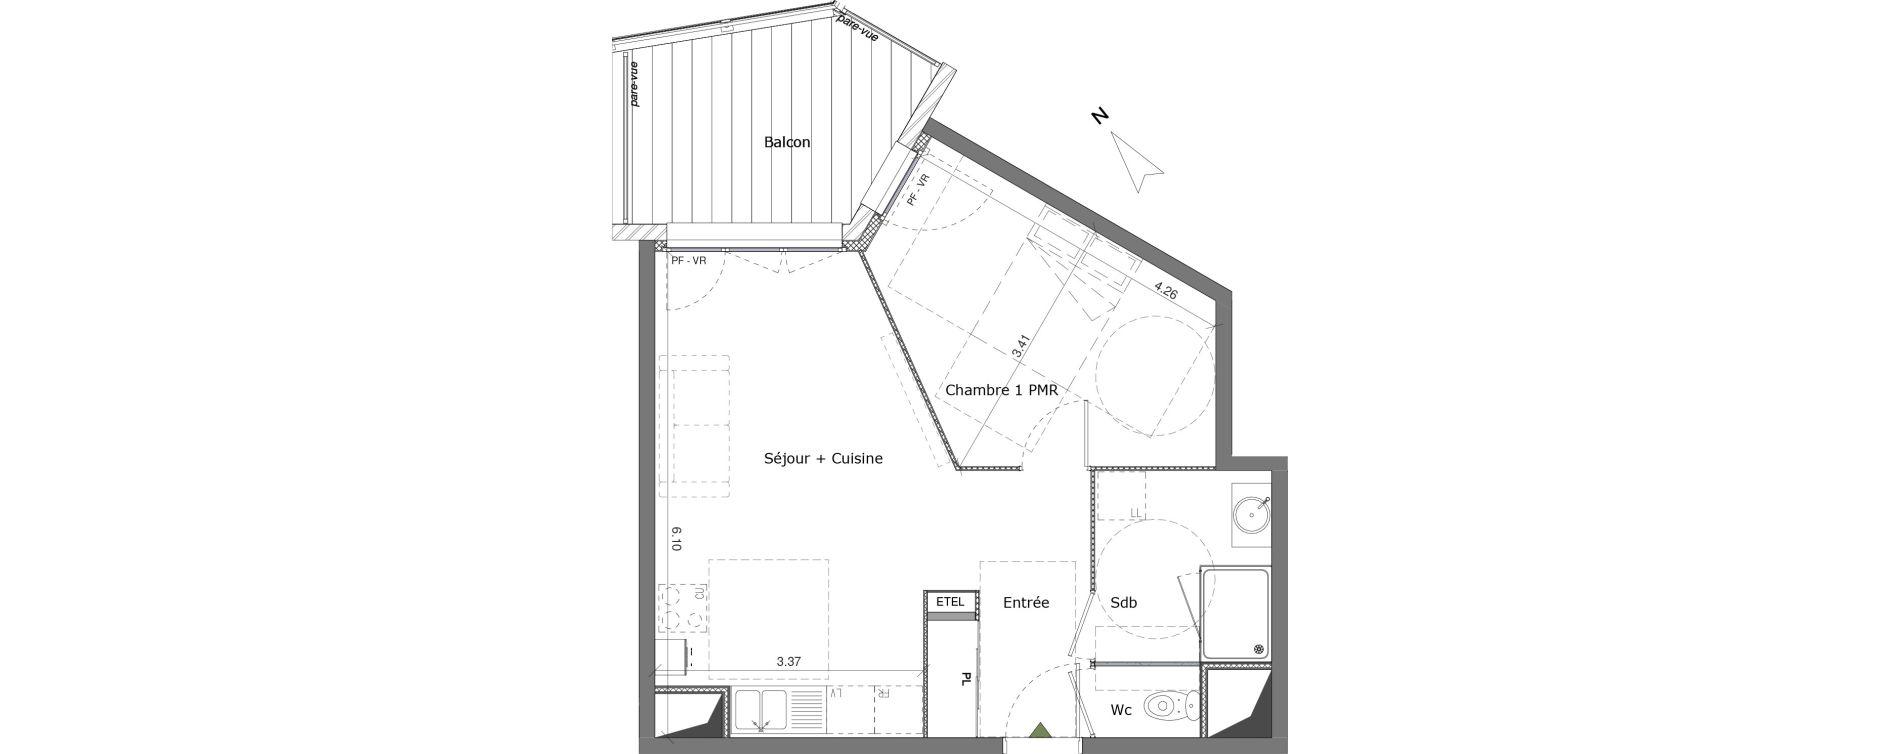 Appartement T2 de 45,00 m2 à Saint-Genis-Pouilly Centre